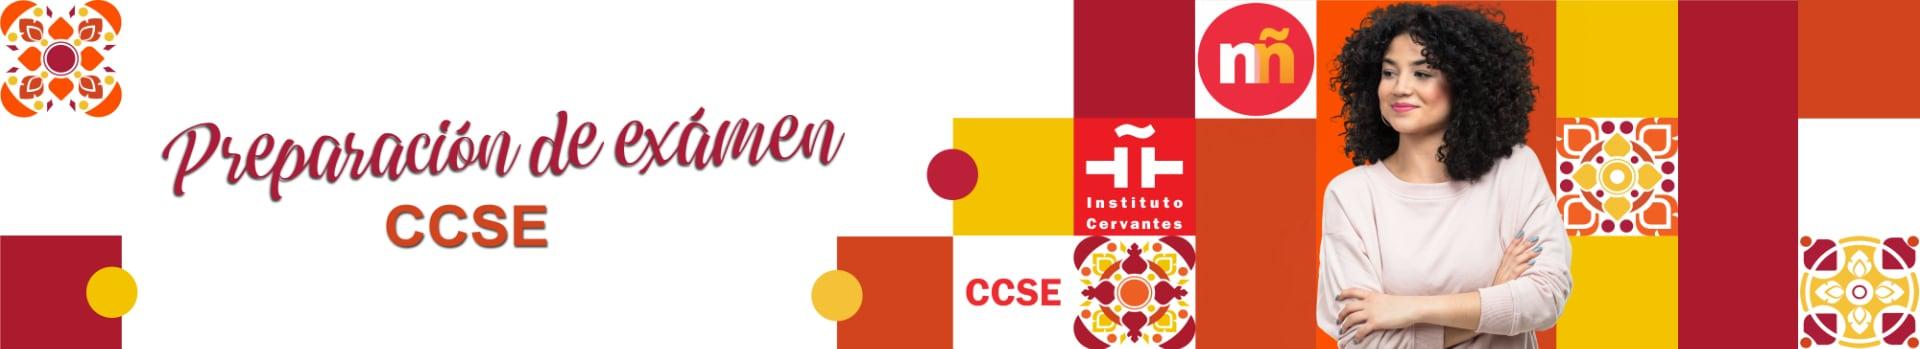 ¿Qué es el examen CCSE?